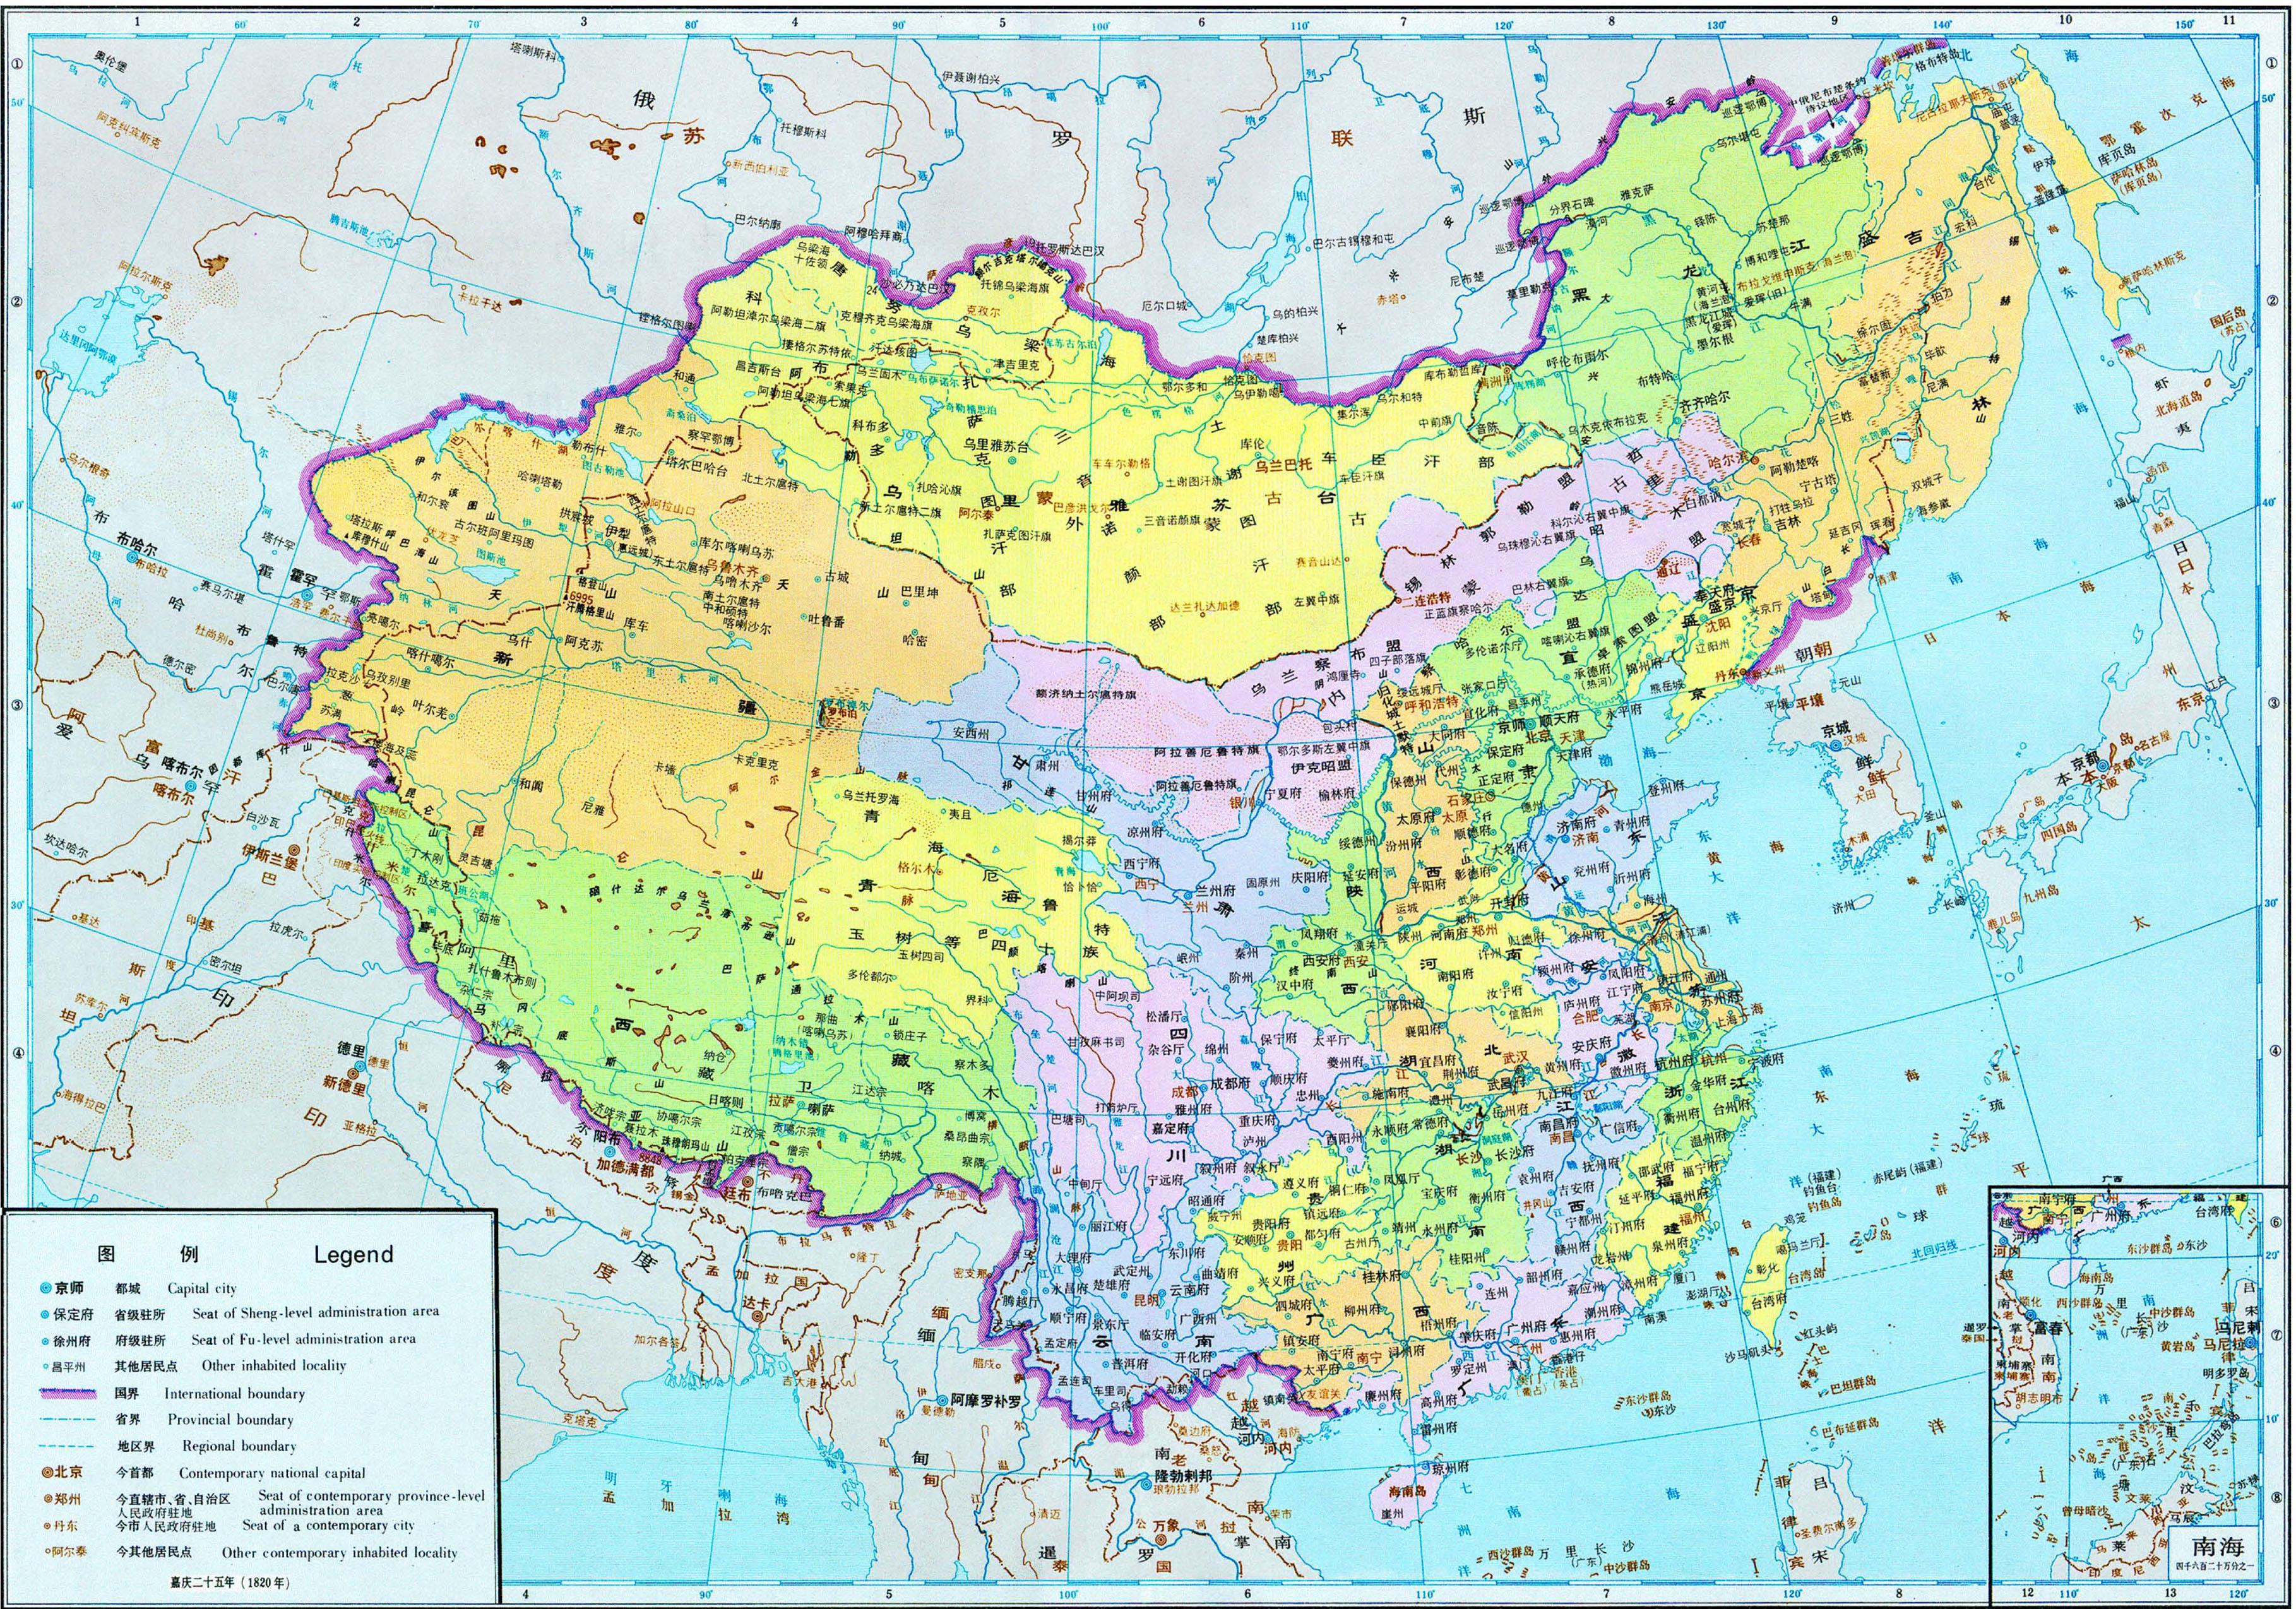 中国地图全图_历史地图:清时期全图(一)_中国史稿地图地图库_地图窝